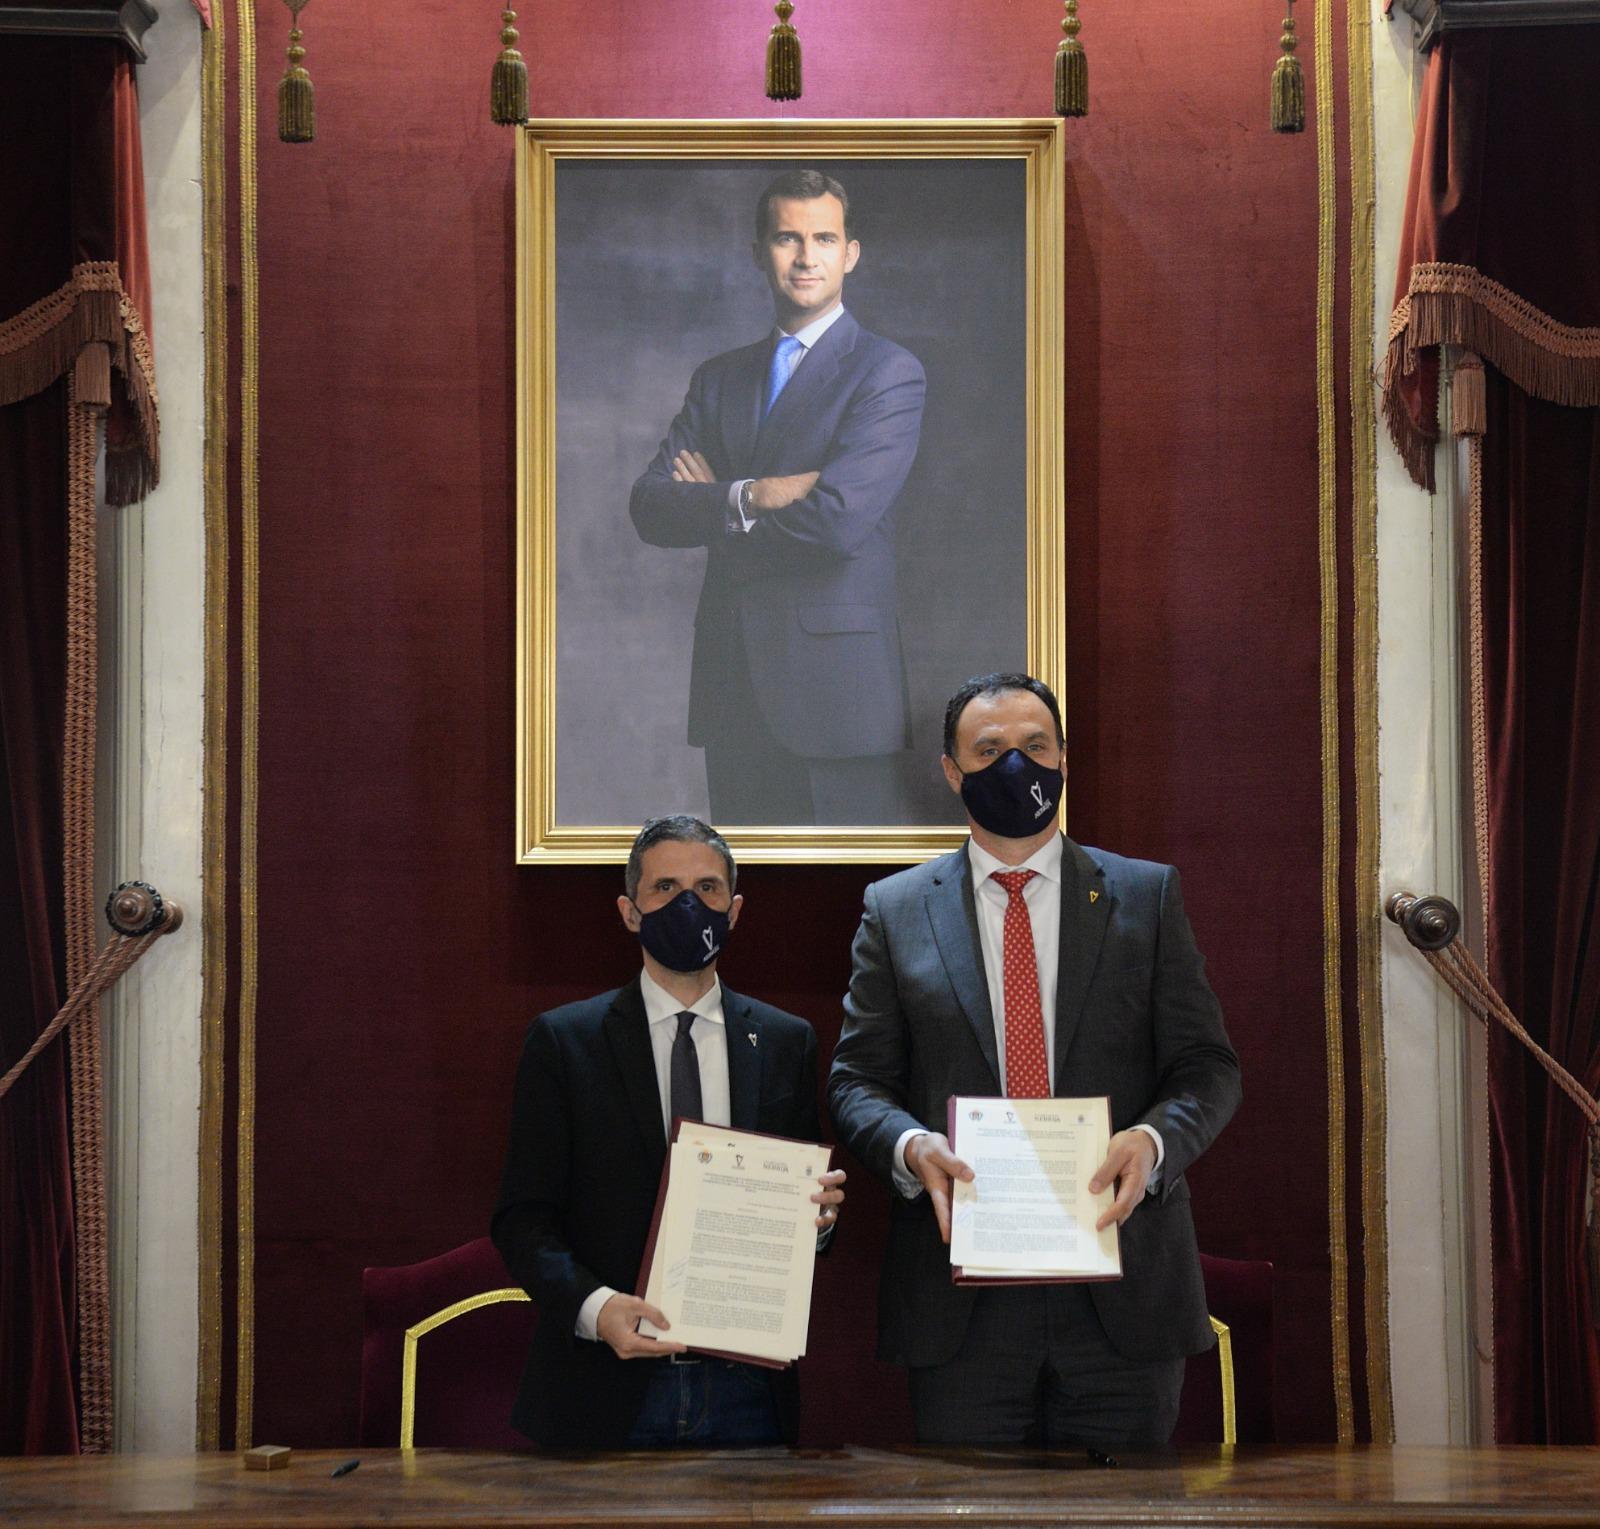 Los alcaldes de Alcalá de Henares y Lebrija firman un convenio para conmemorar el V Centenario de la muerte de Nebrija 1